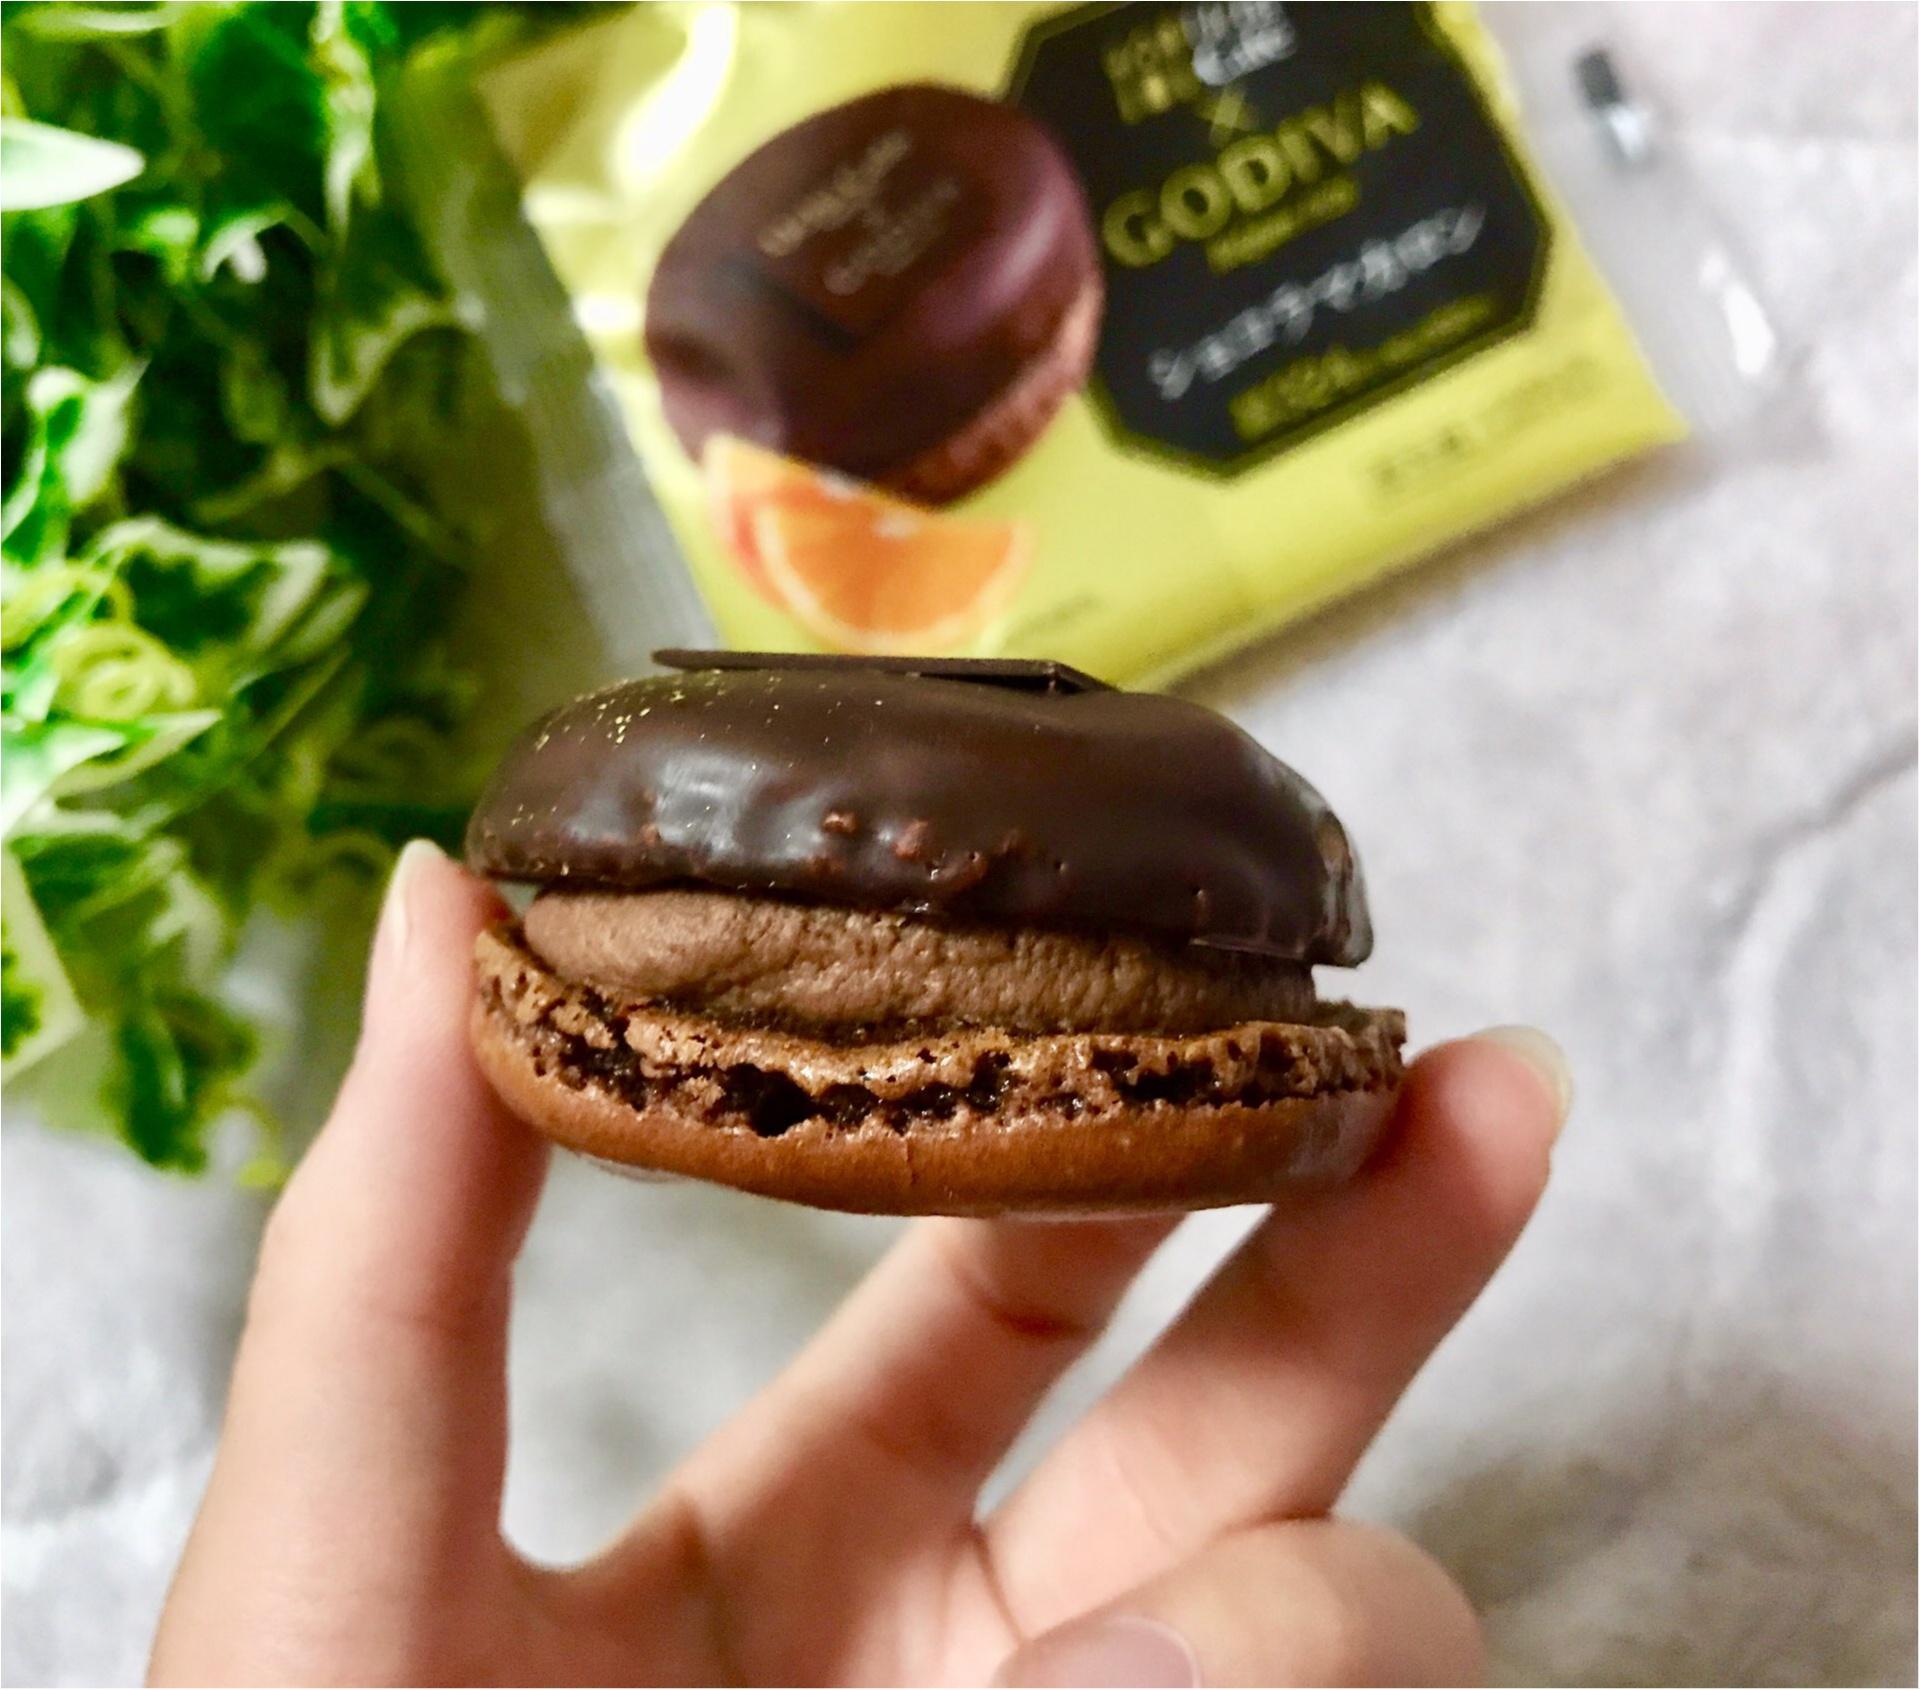 【Uchi Café×GODIVA】コラボスイーツ第6弾!チョコレート好きにはたまらない❤︎《ショコラマカロン》が美味♡♡_2